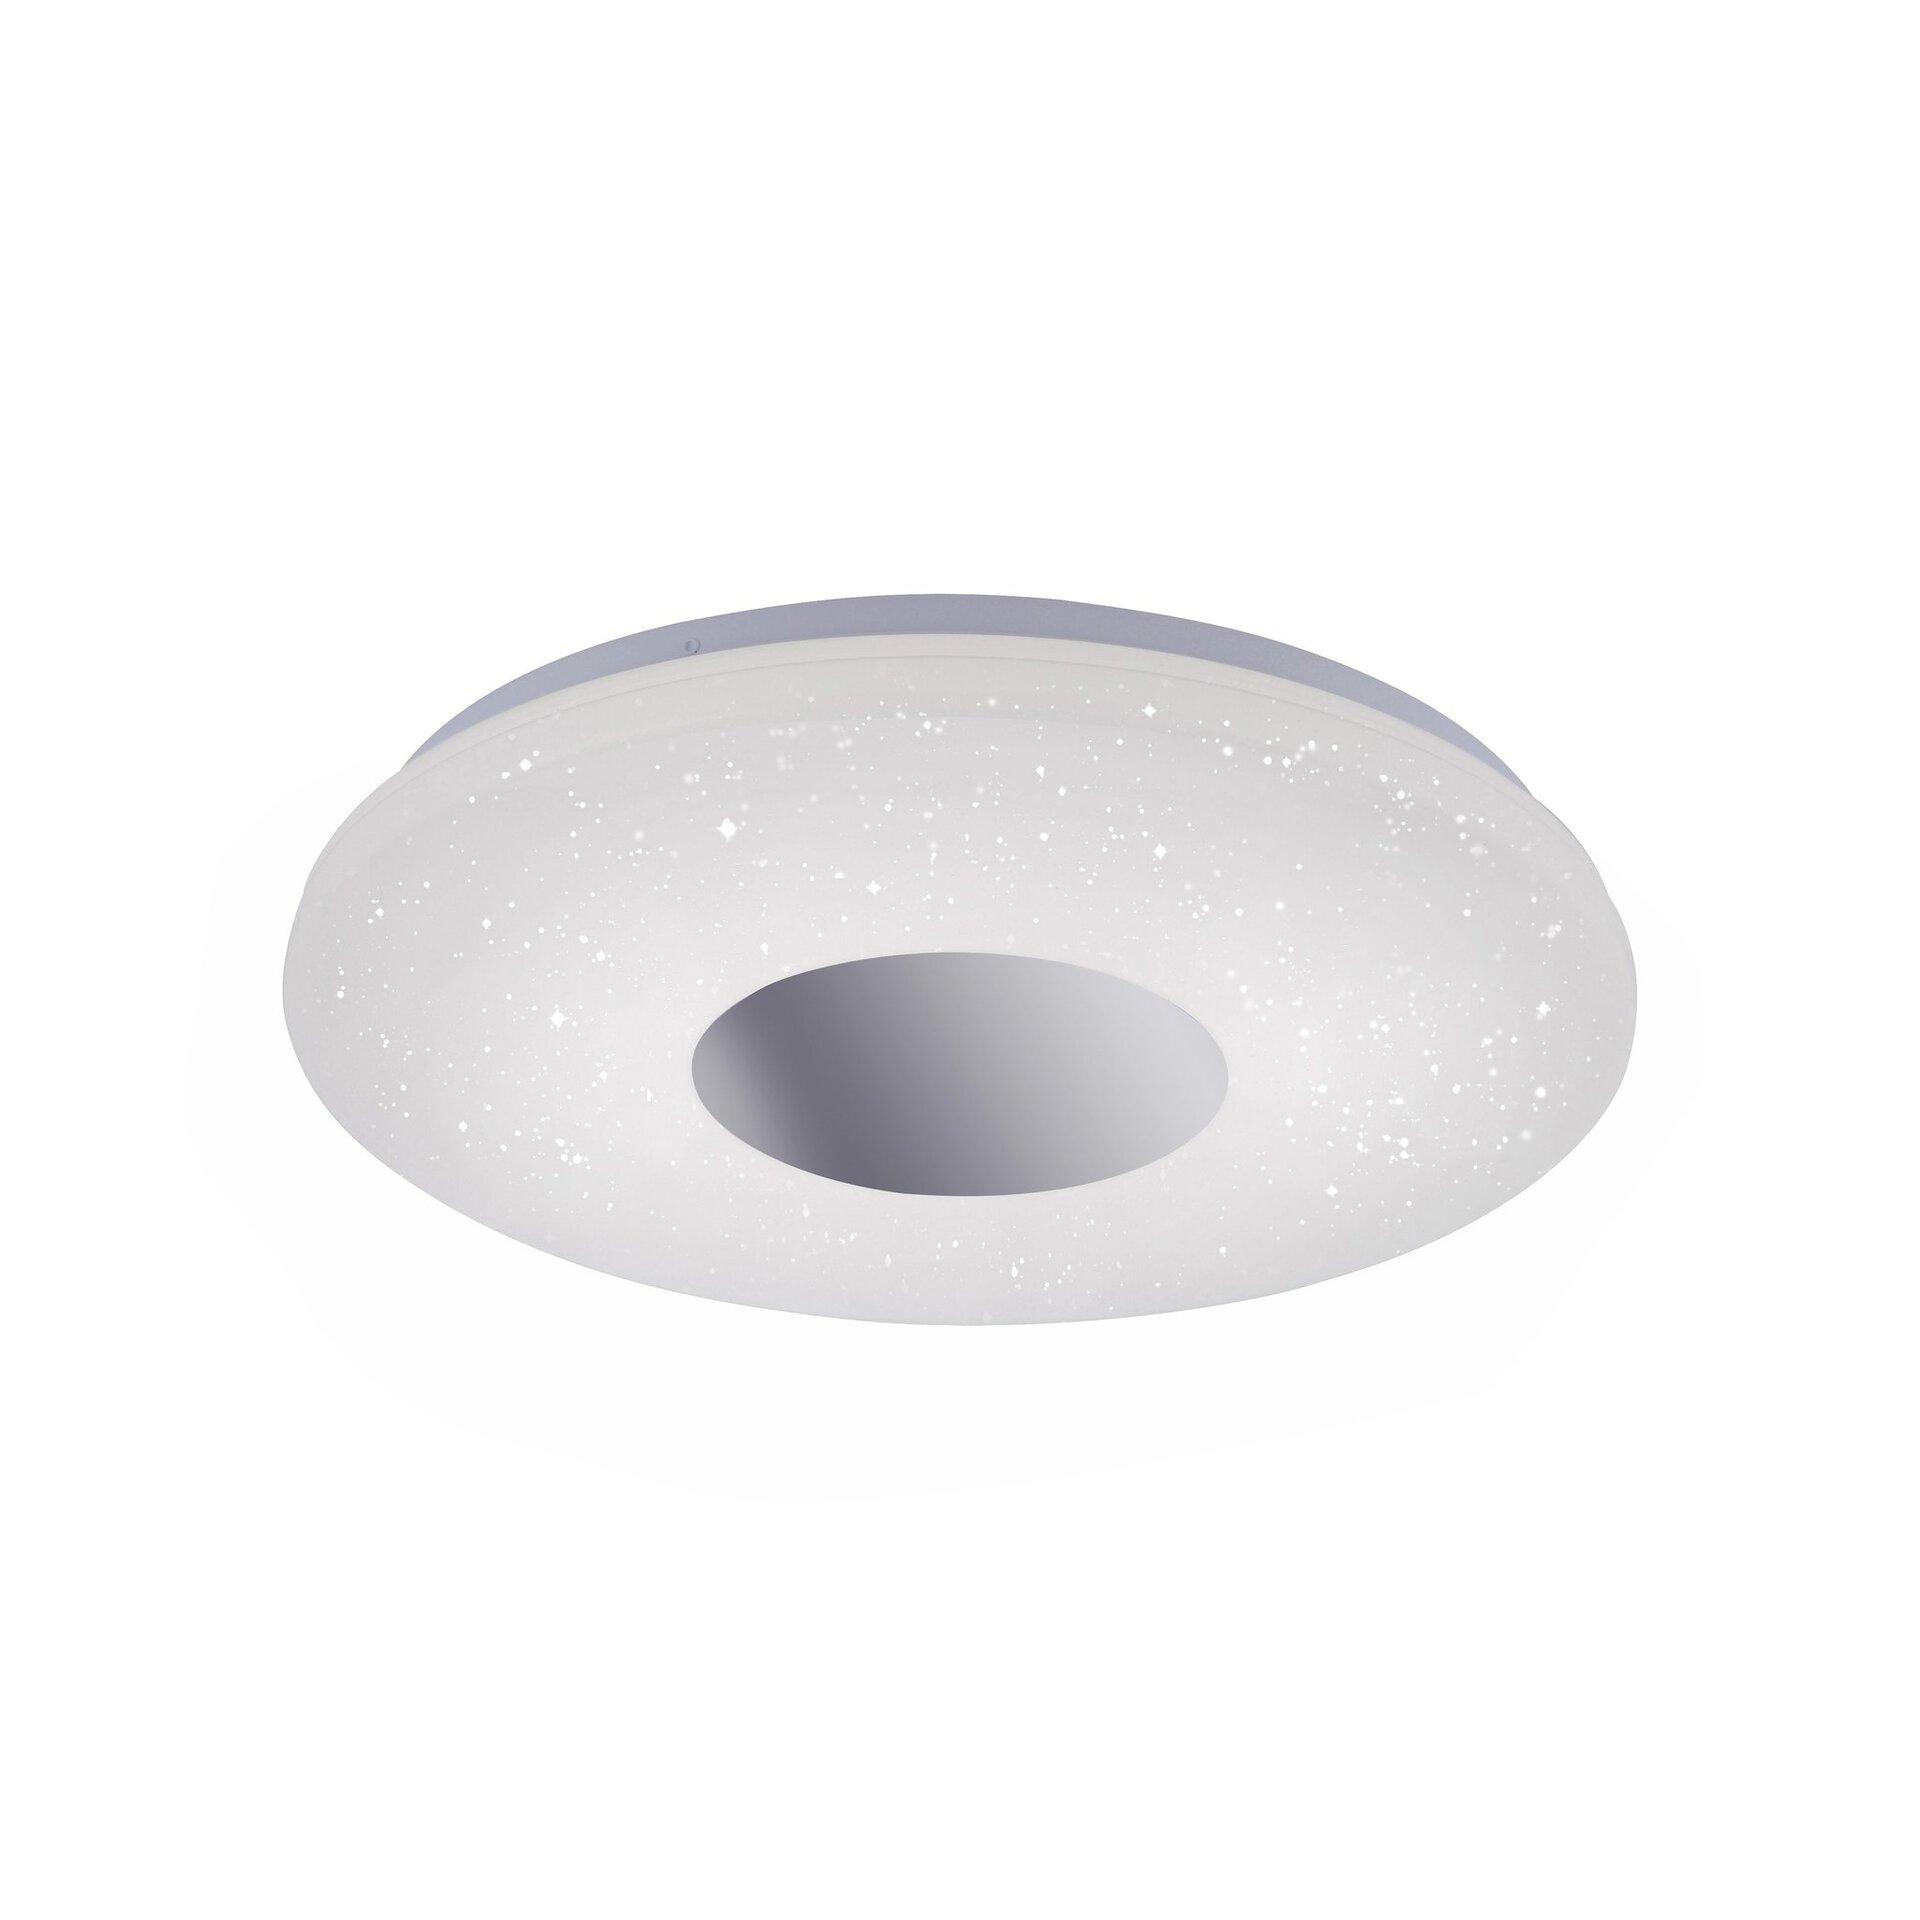 Deckenleuchte LAVINIA Leuchtendirekt Metall silber 39 x 70 x 39 cm